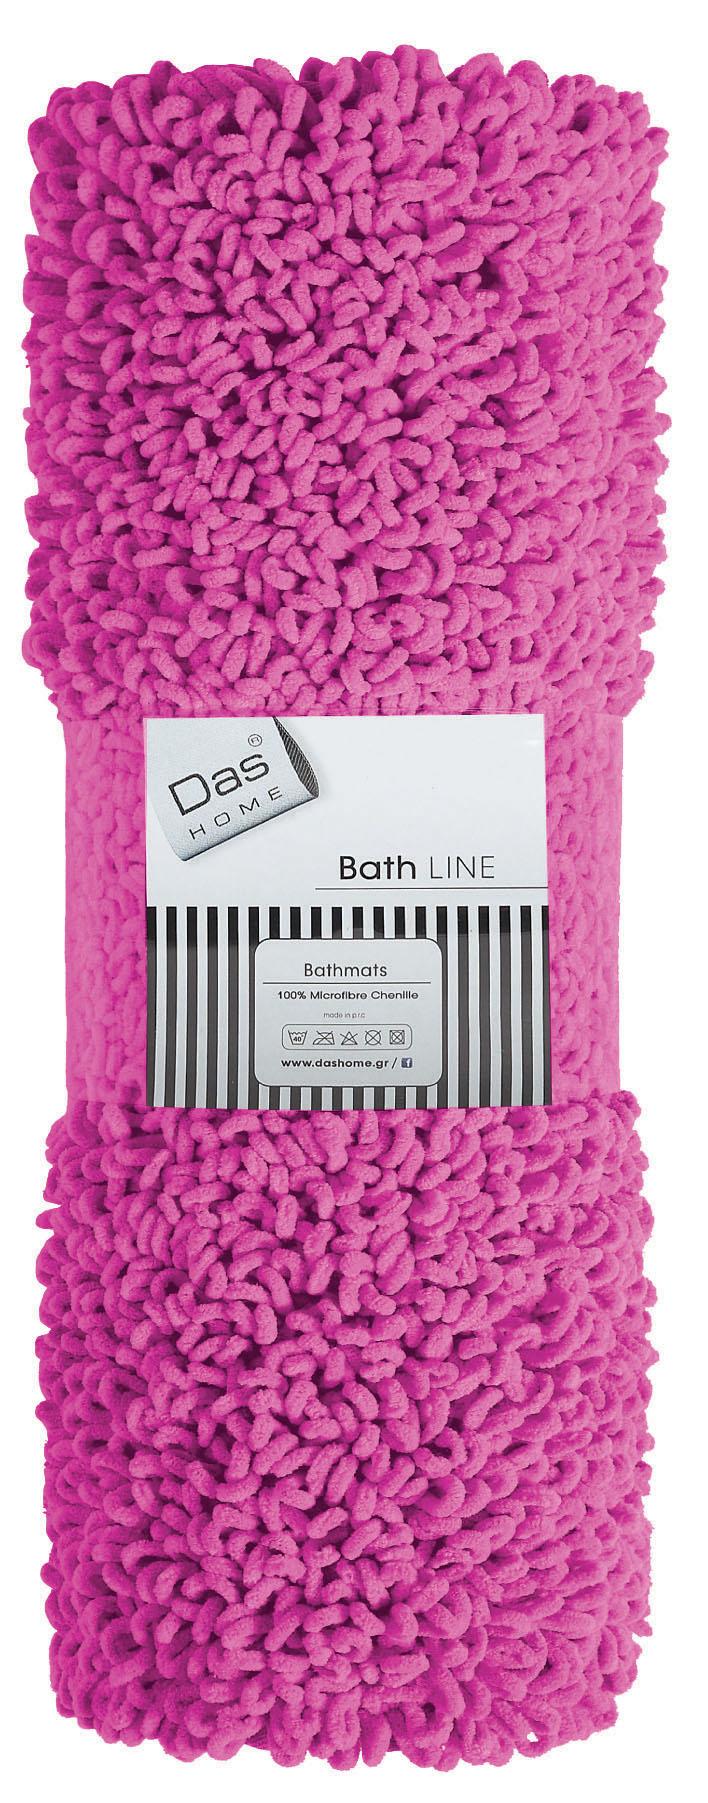 Πατάκια μπάνιου μονόχρωμα 2 διαστάσεων Bathmats Colours 474, Das Home (Φούξια, 5 last items   μπάνιο